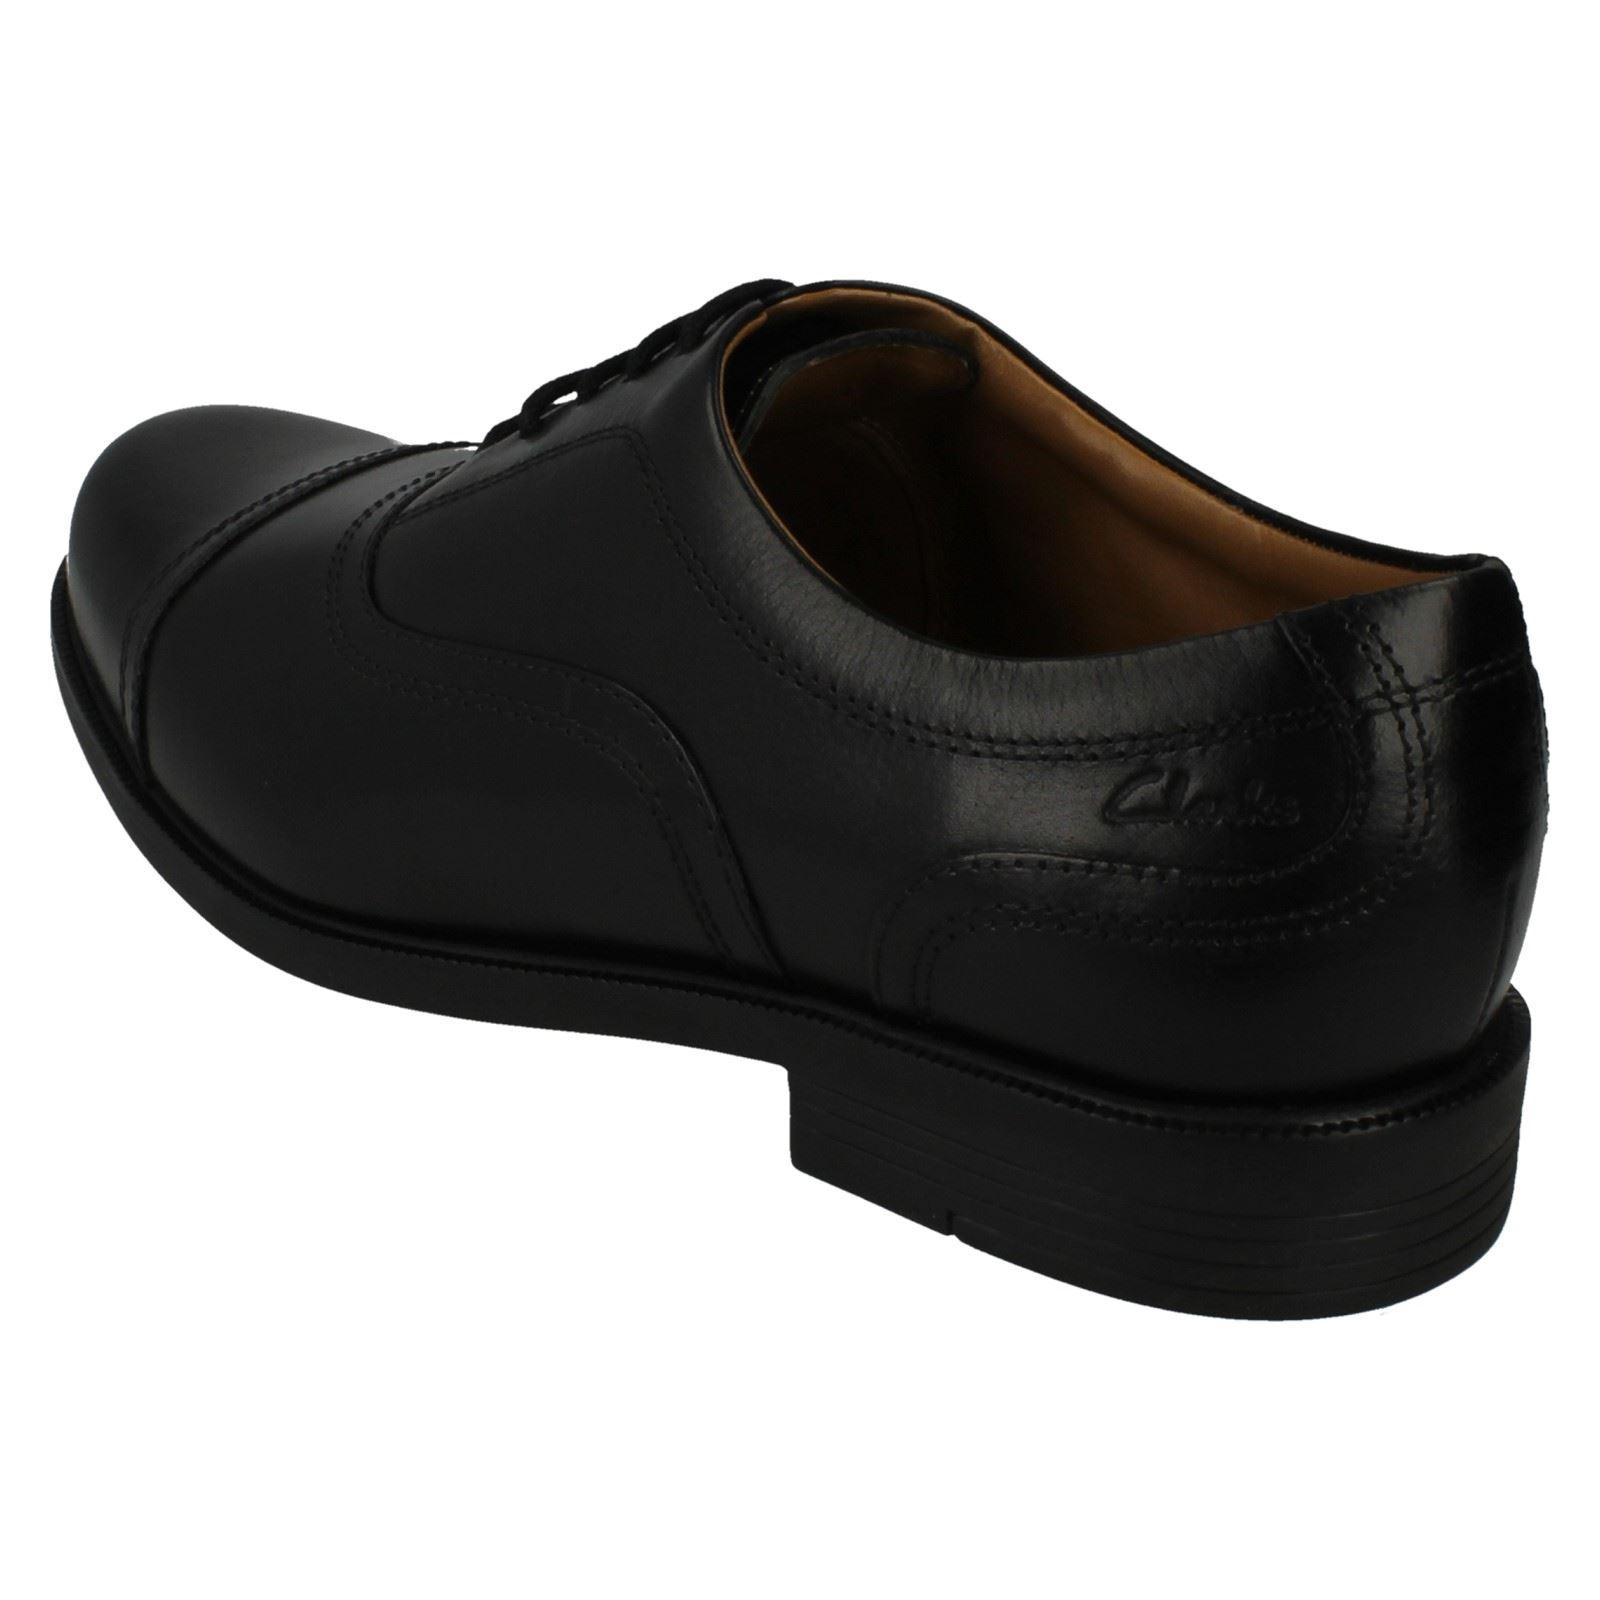 Men's Clarks Shoes  Style Cap -  Beeston Cap Style 74b71d